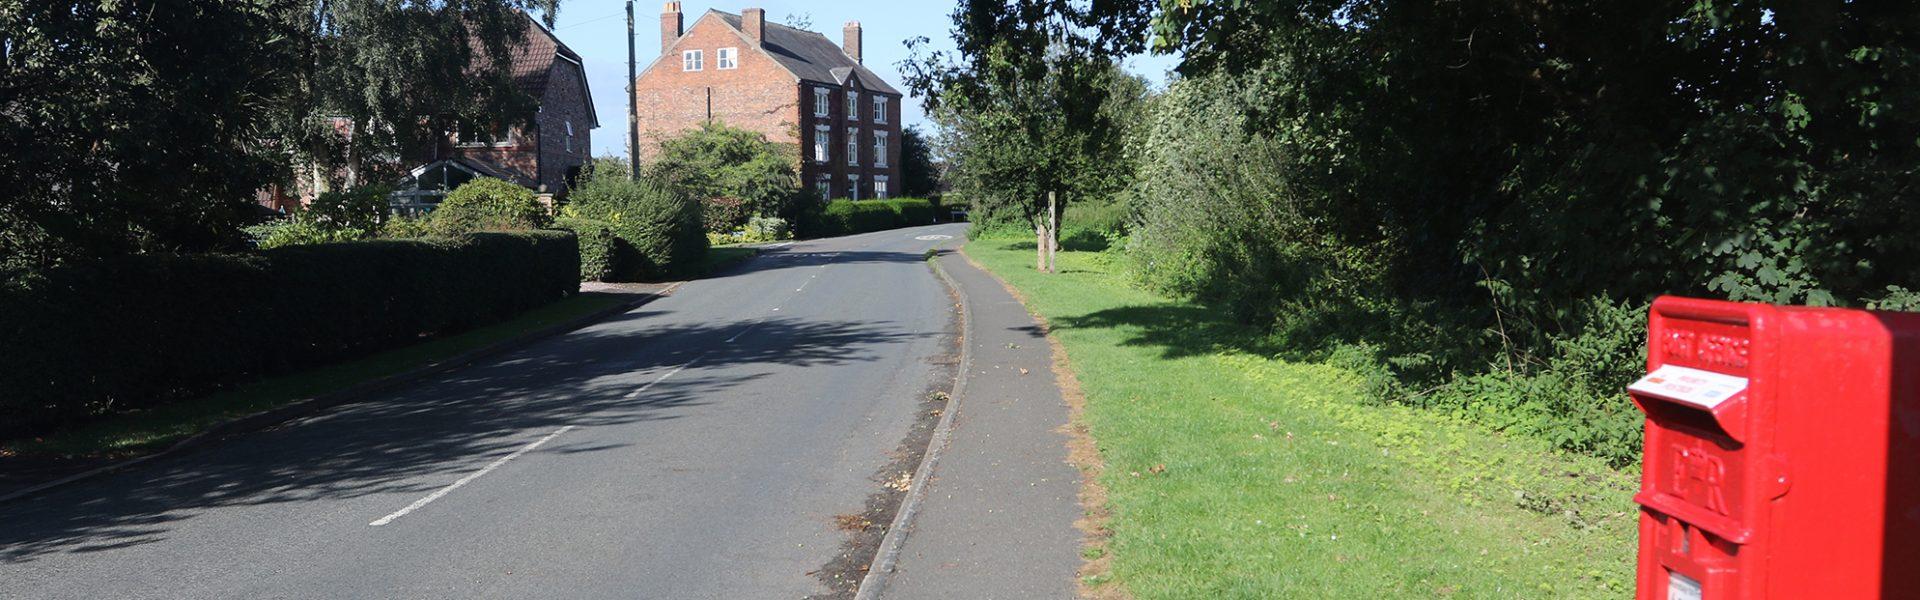 Pickmere, Cheshire